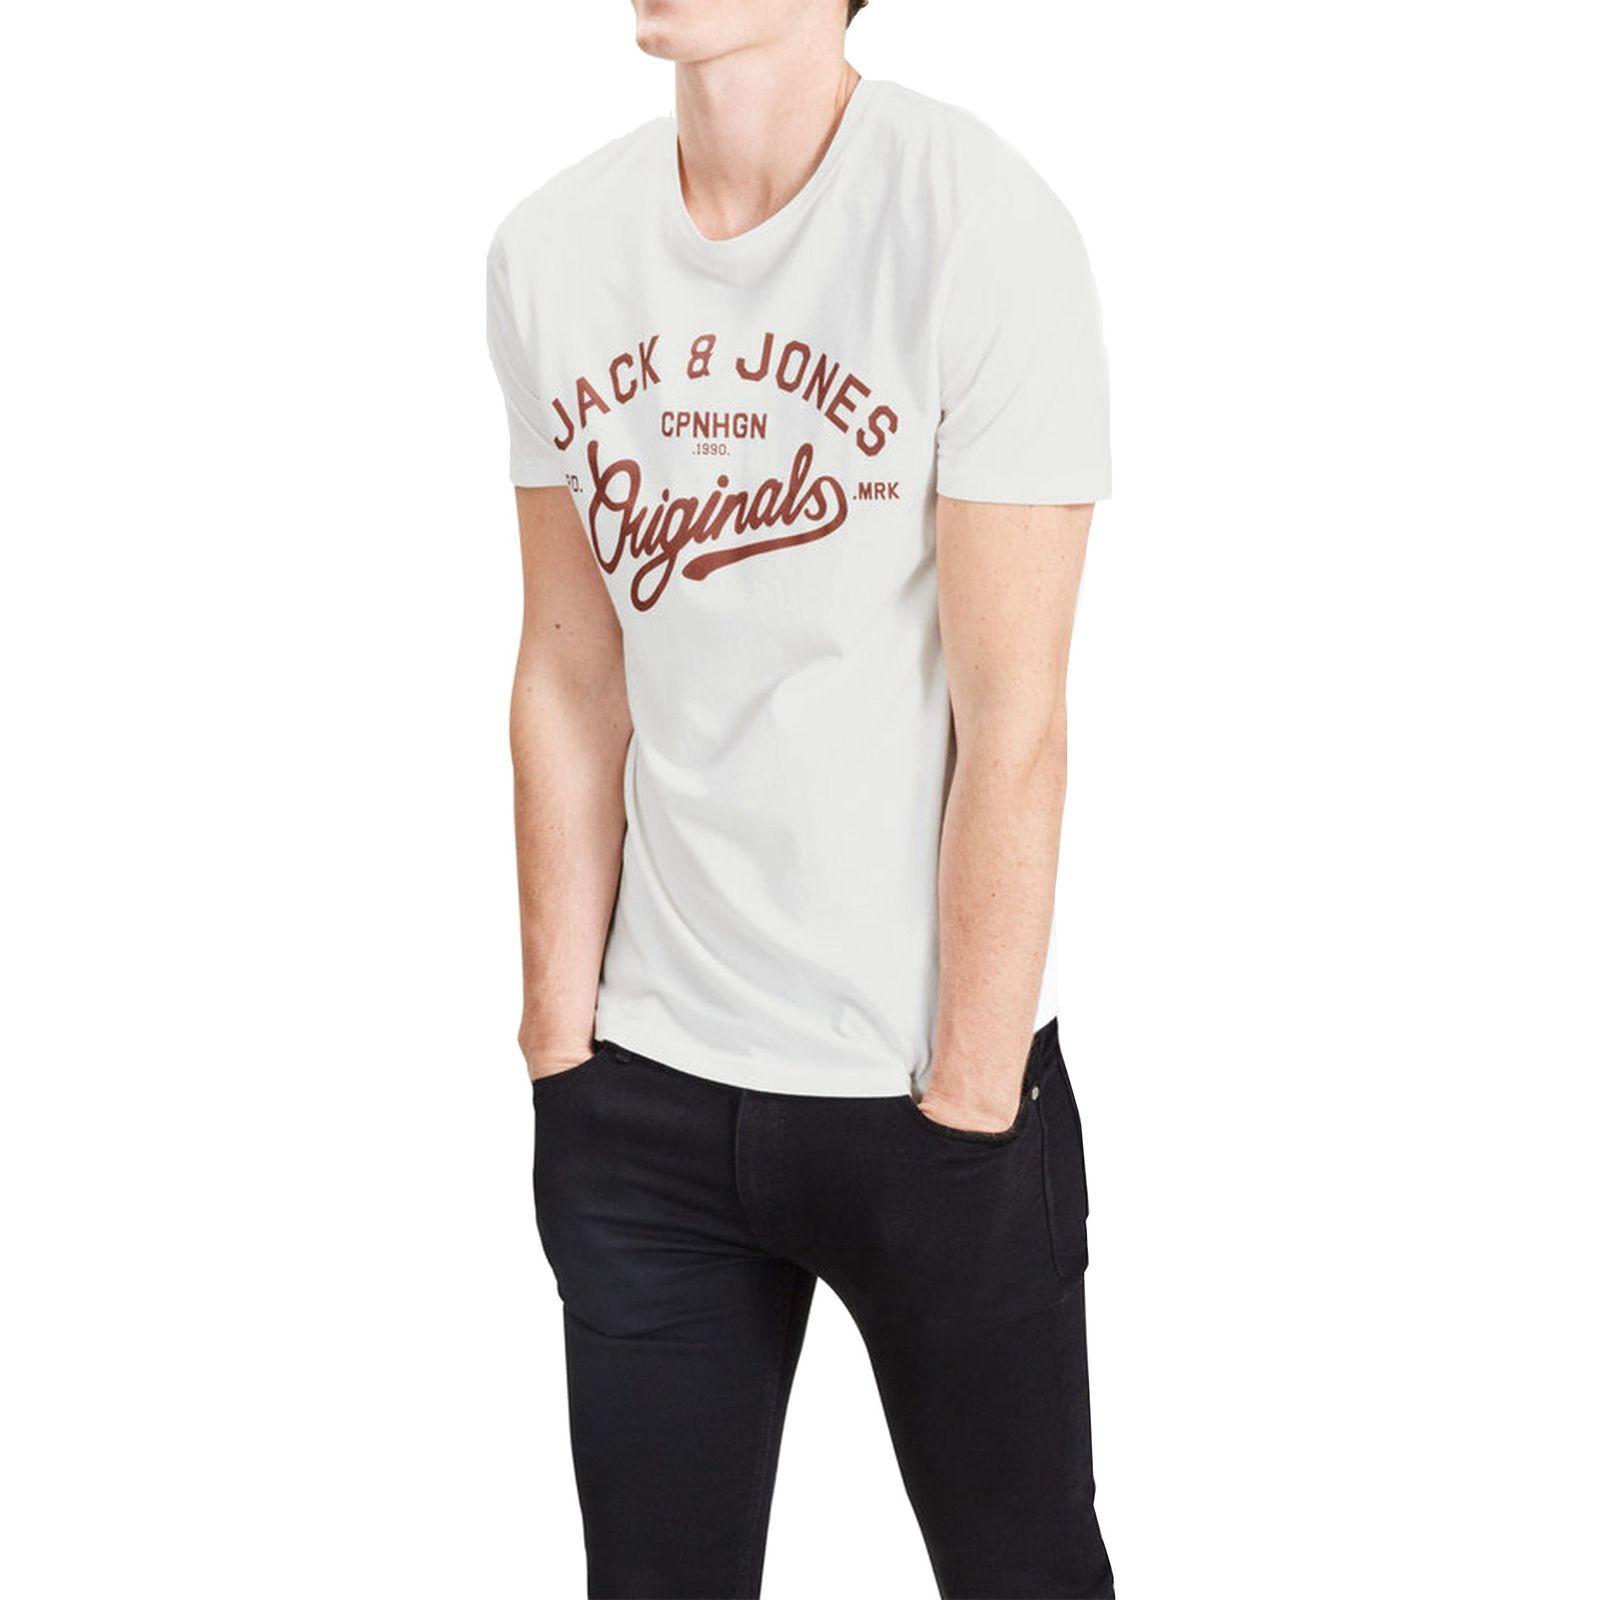 تی شرت نخی یقه گرد مردانه - جک اند جونز - سفيد - 1